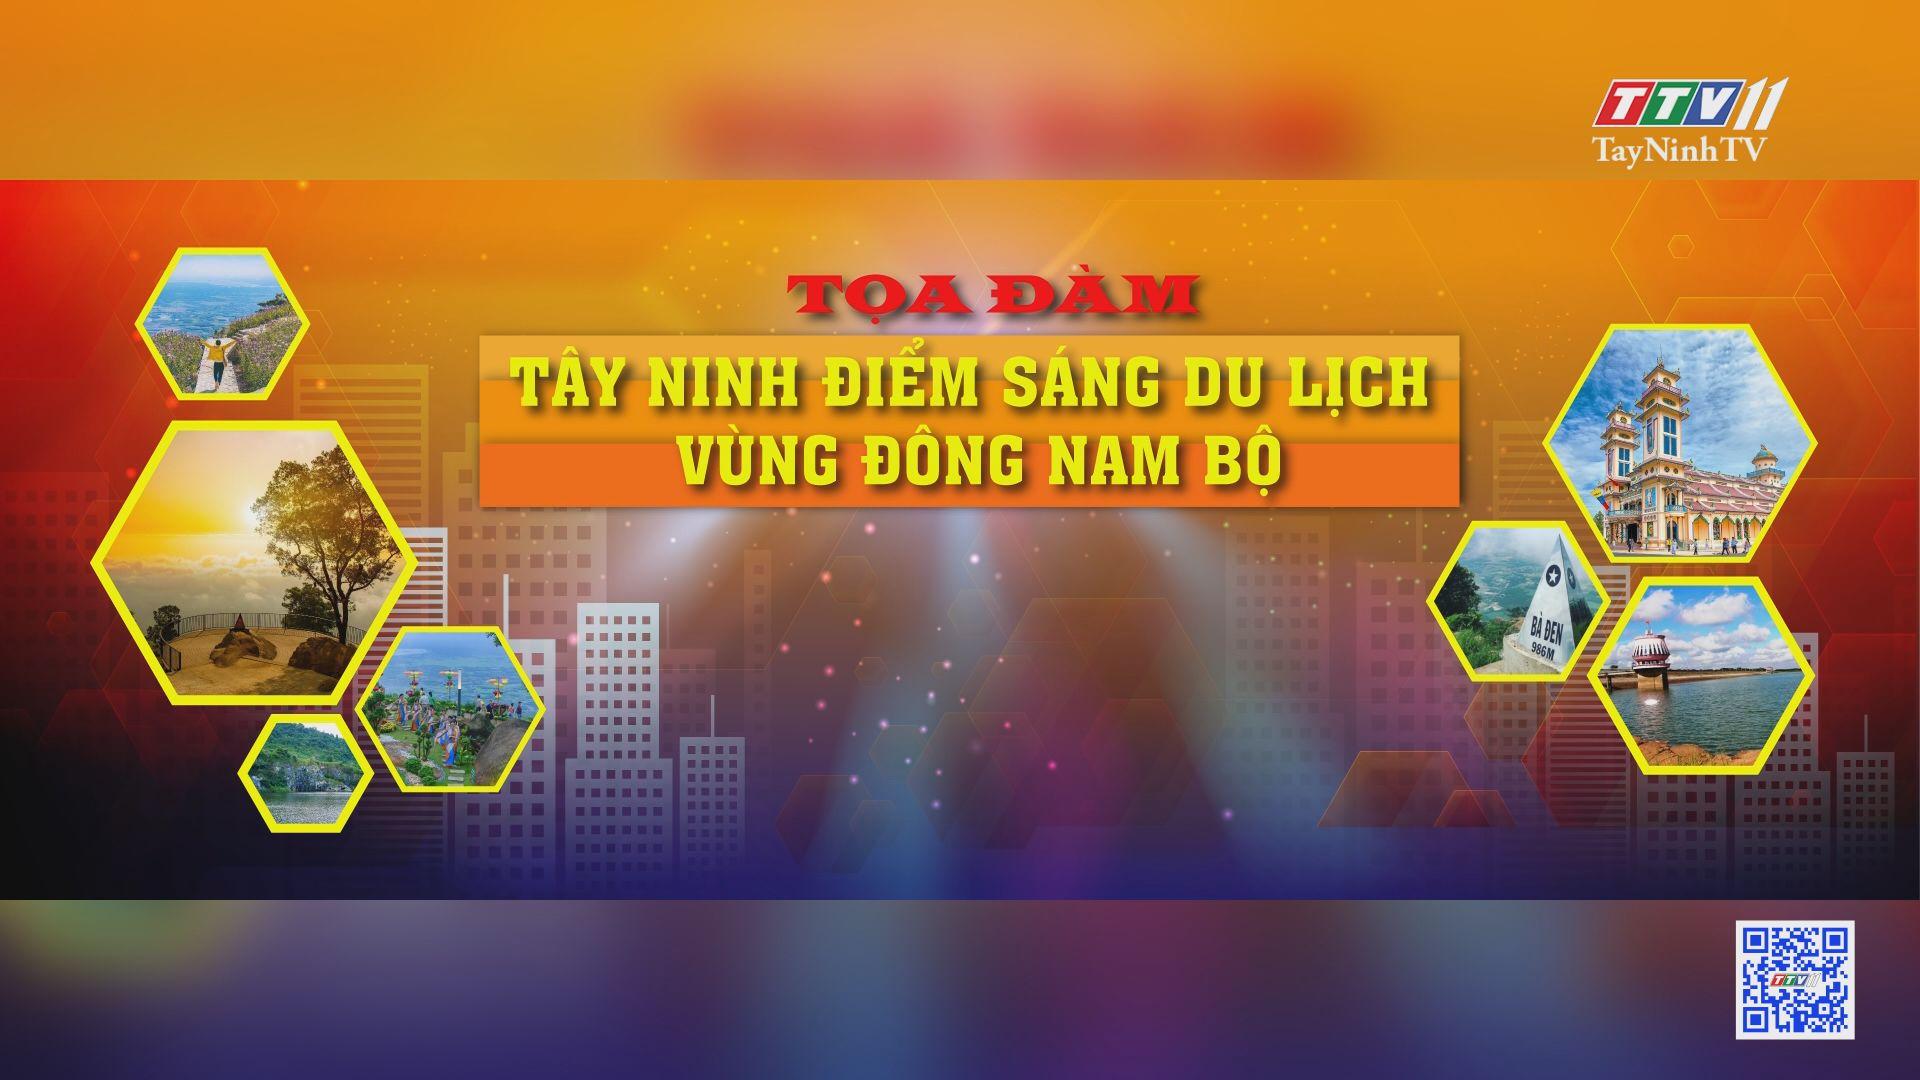 Tây Ninh, điểm sáng du lịch vùng Đông Nam bộ | TayNinhTV